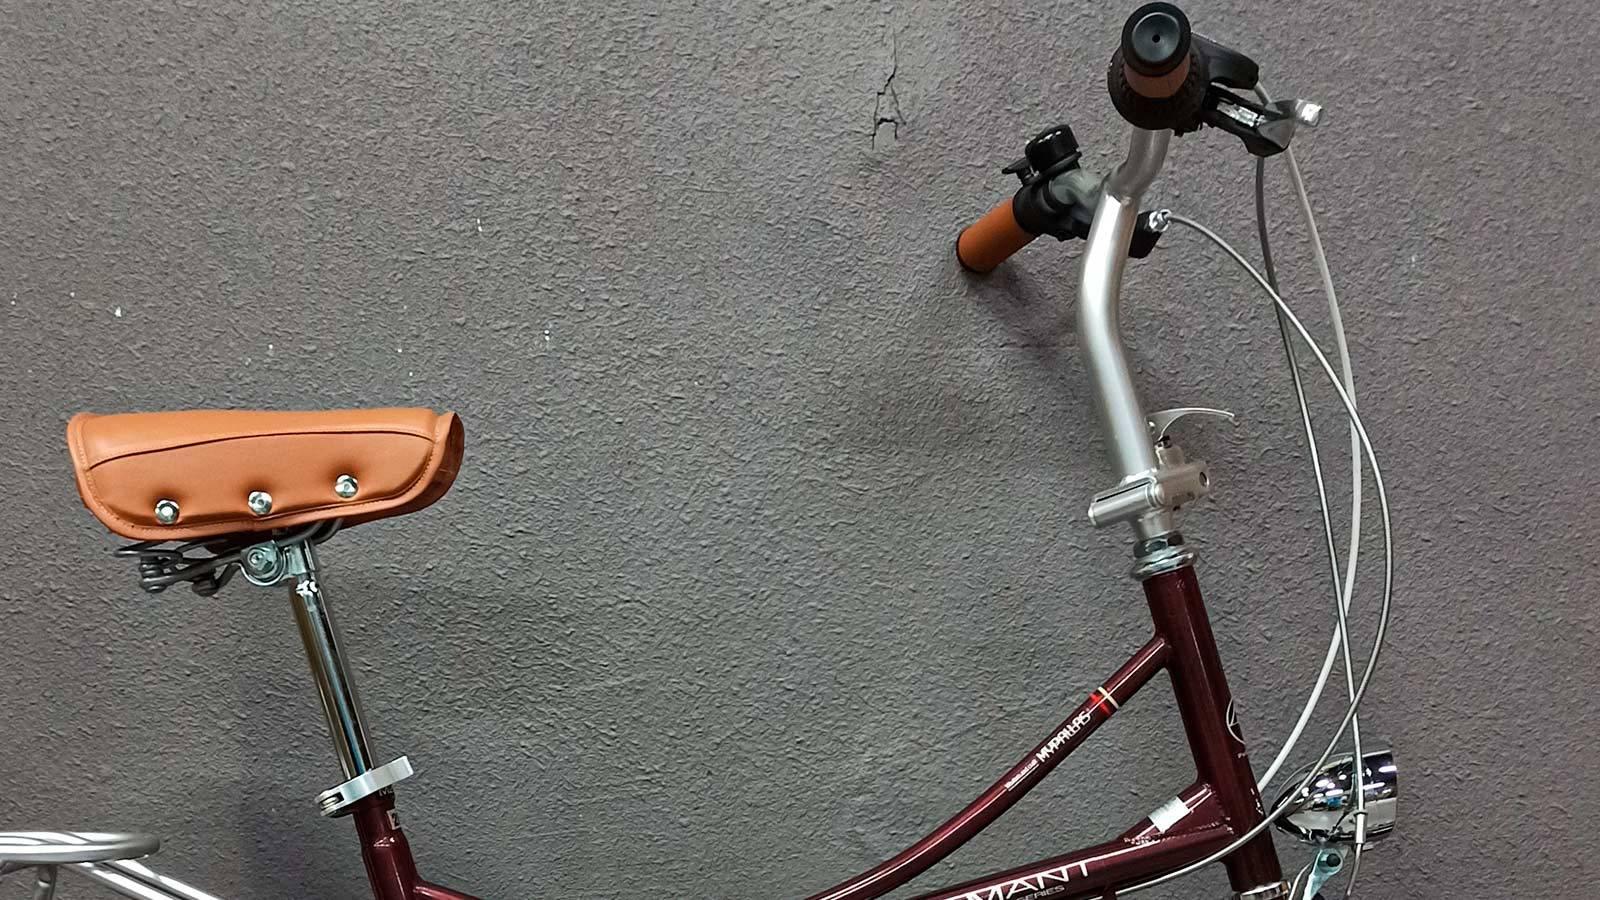 седло и руль складного велосипеда MyPallas M260